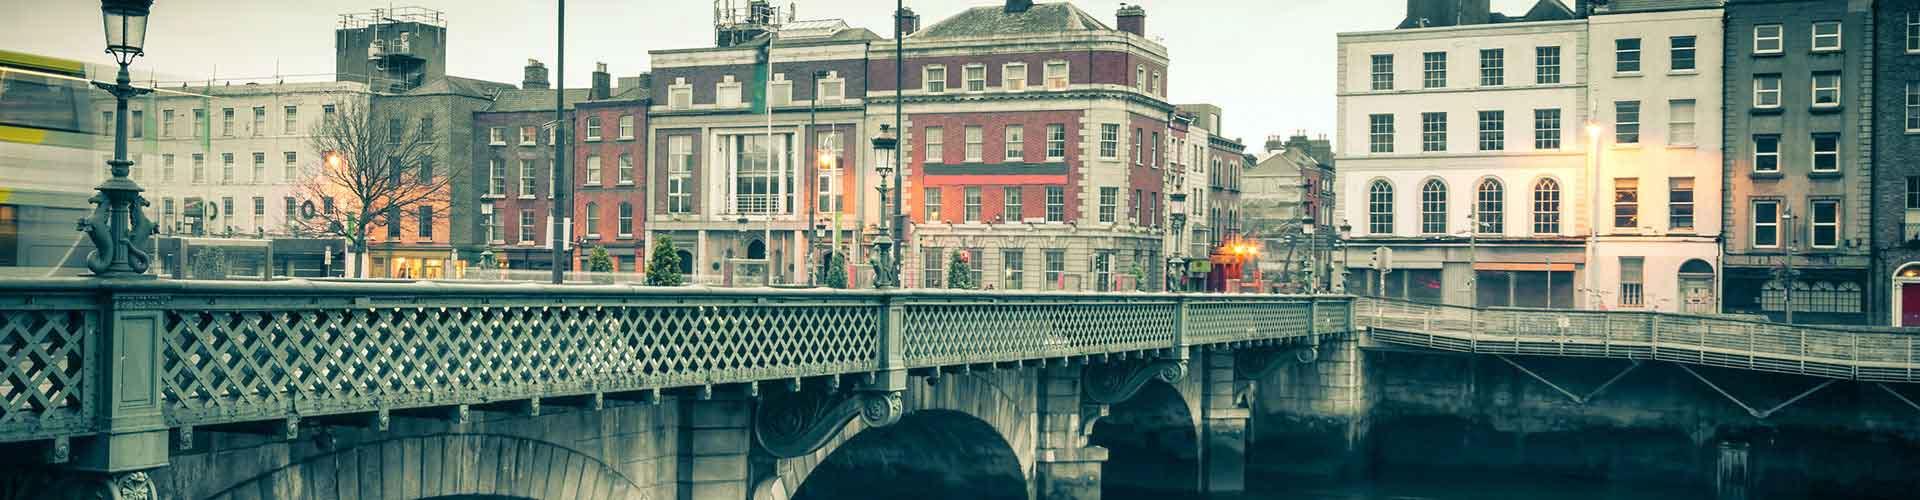 Dublin – Retkeily kaupungiosassa Southside. Dublin -karttoja, valokuvia ja arvosteluja kaikista Dublin -retkeilyalueista.